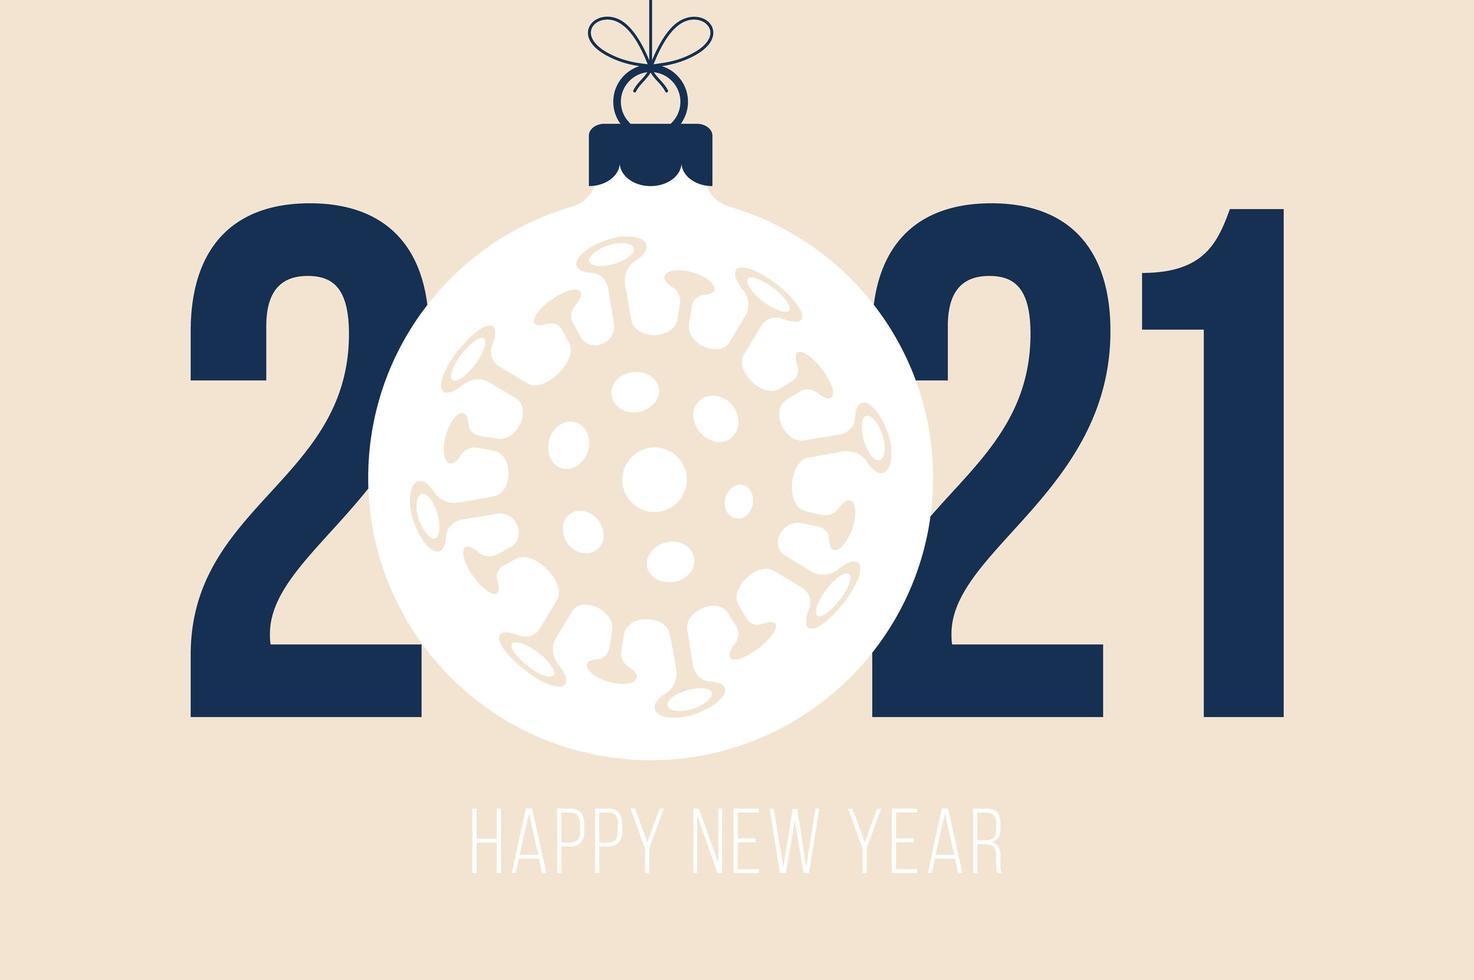 gelukkig nieuwjaar 2021 typografie met coronavirus-ornament vector